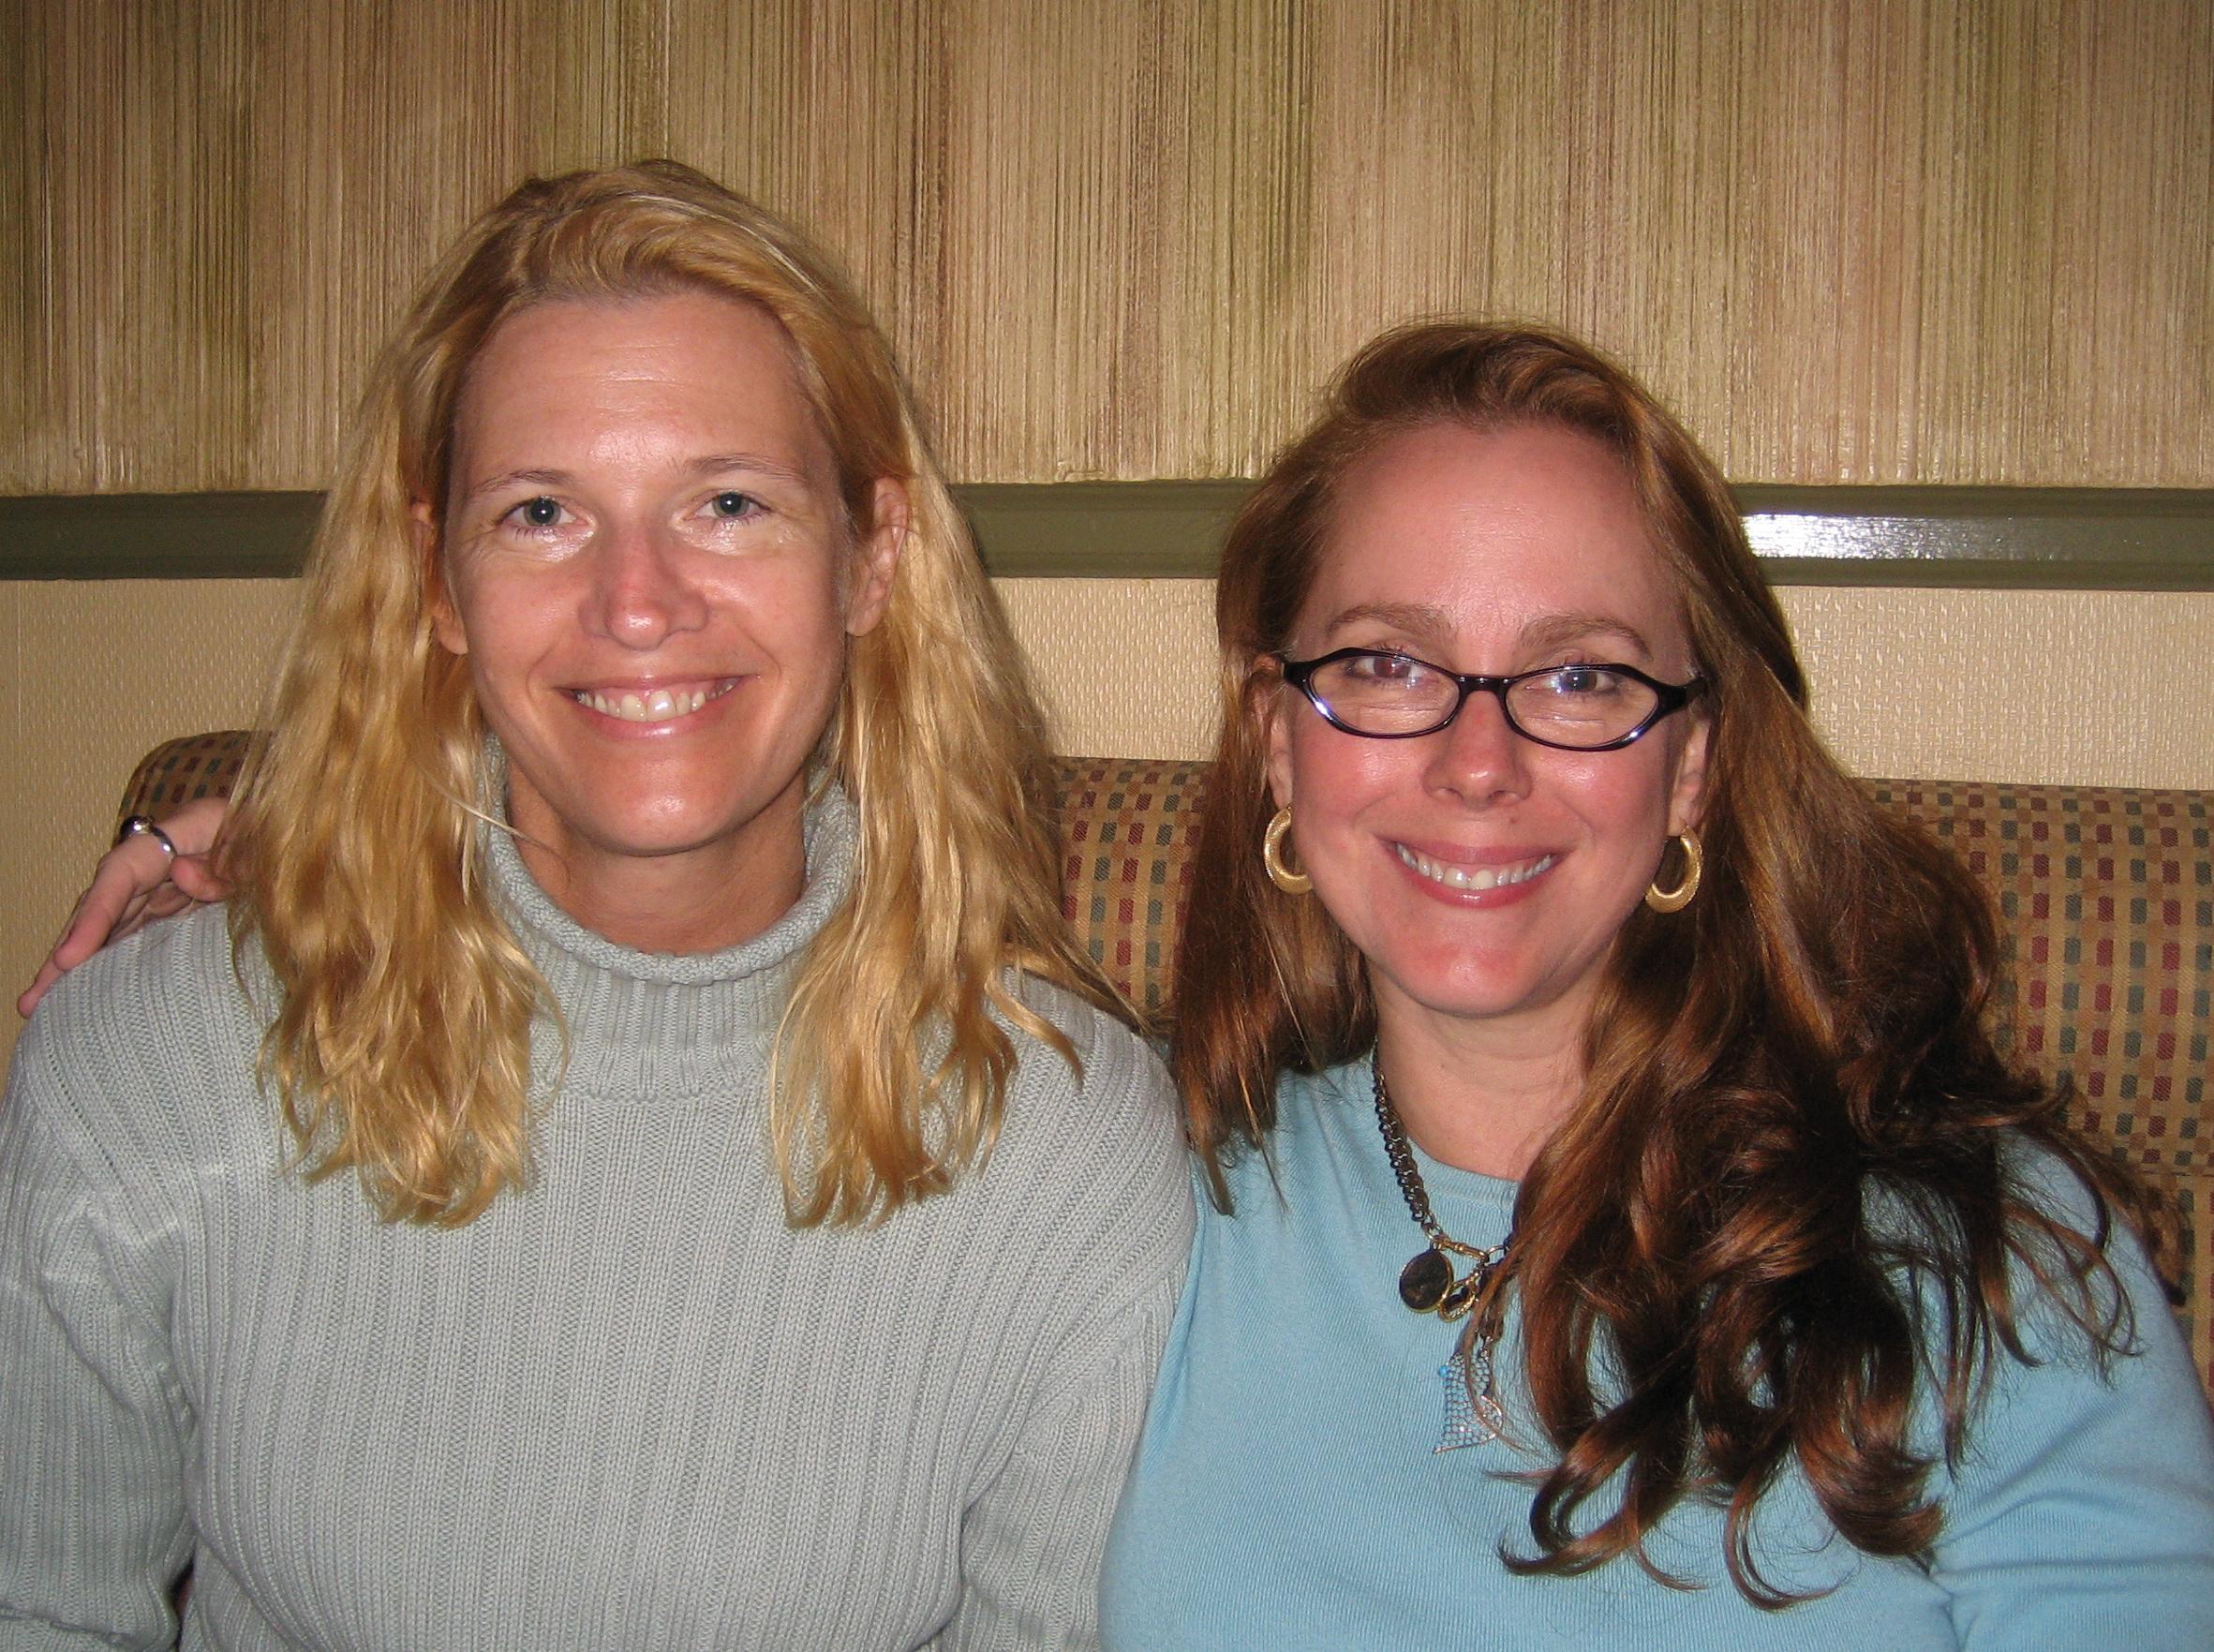 Lizzie & me